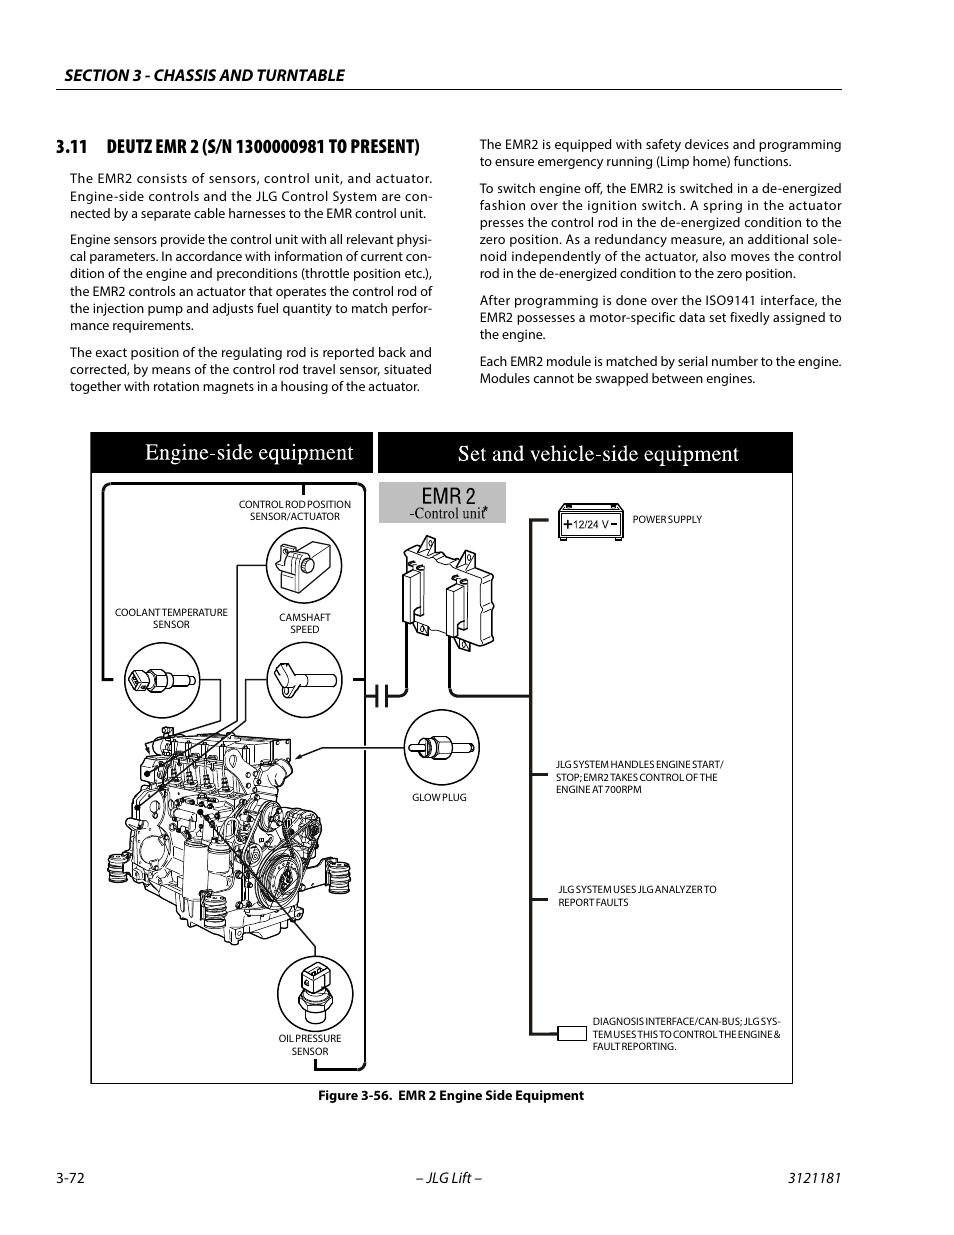 11 deutz emr 2 (s/n 1300000981 to present), Deutz emr 2 (s/n 1300000981 to  present) -72, Emr 2 engine side equipment -72 | JLG 510AJ Service Manual  User ...